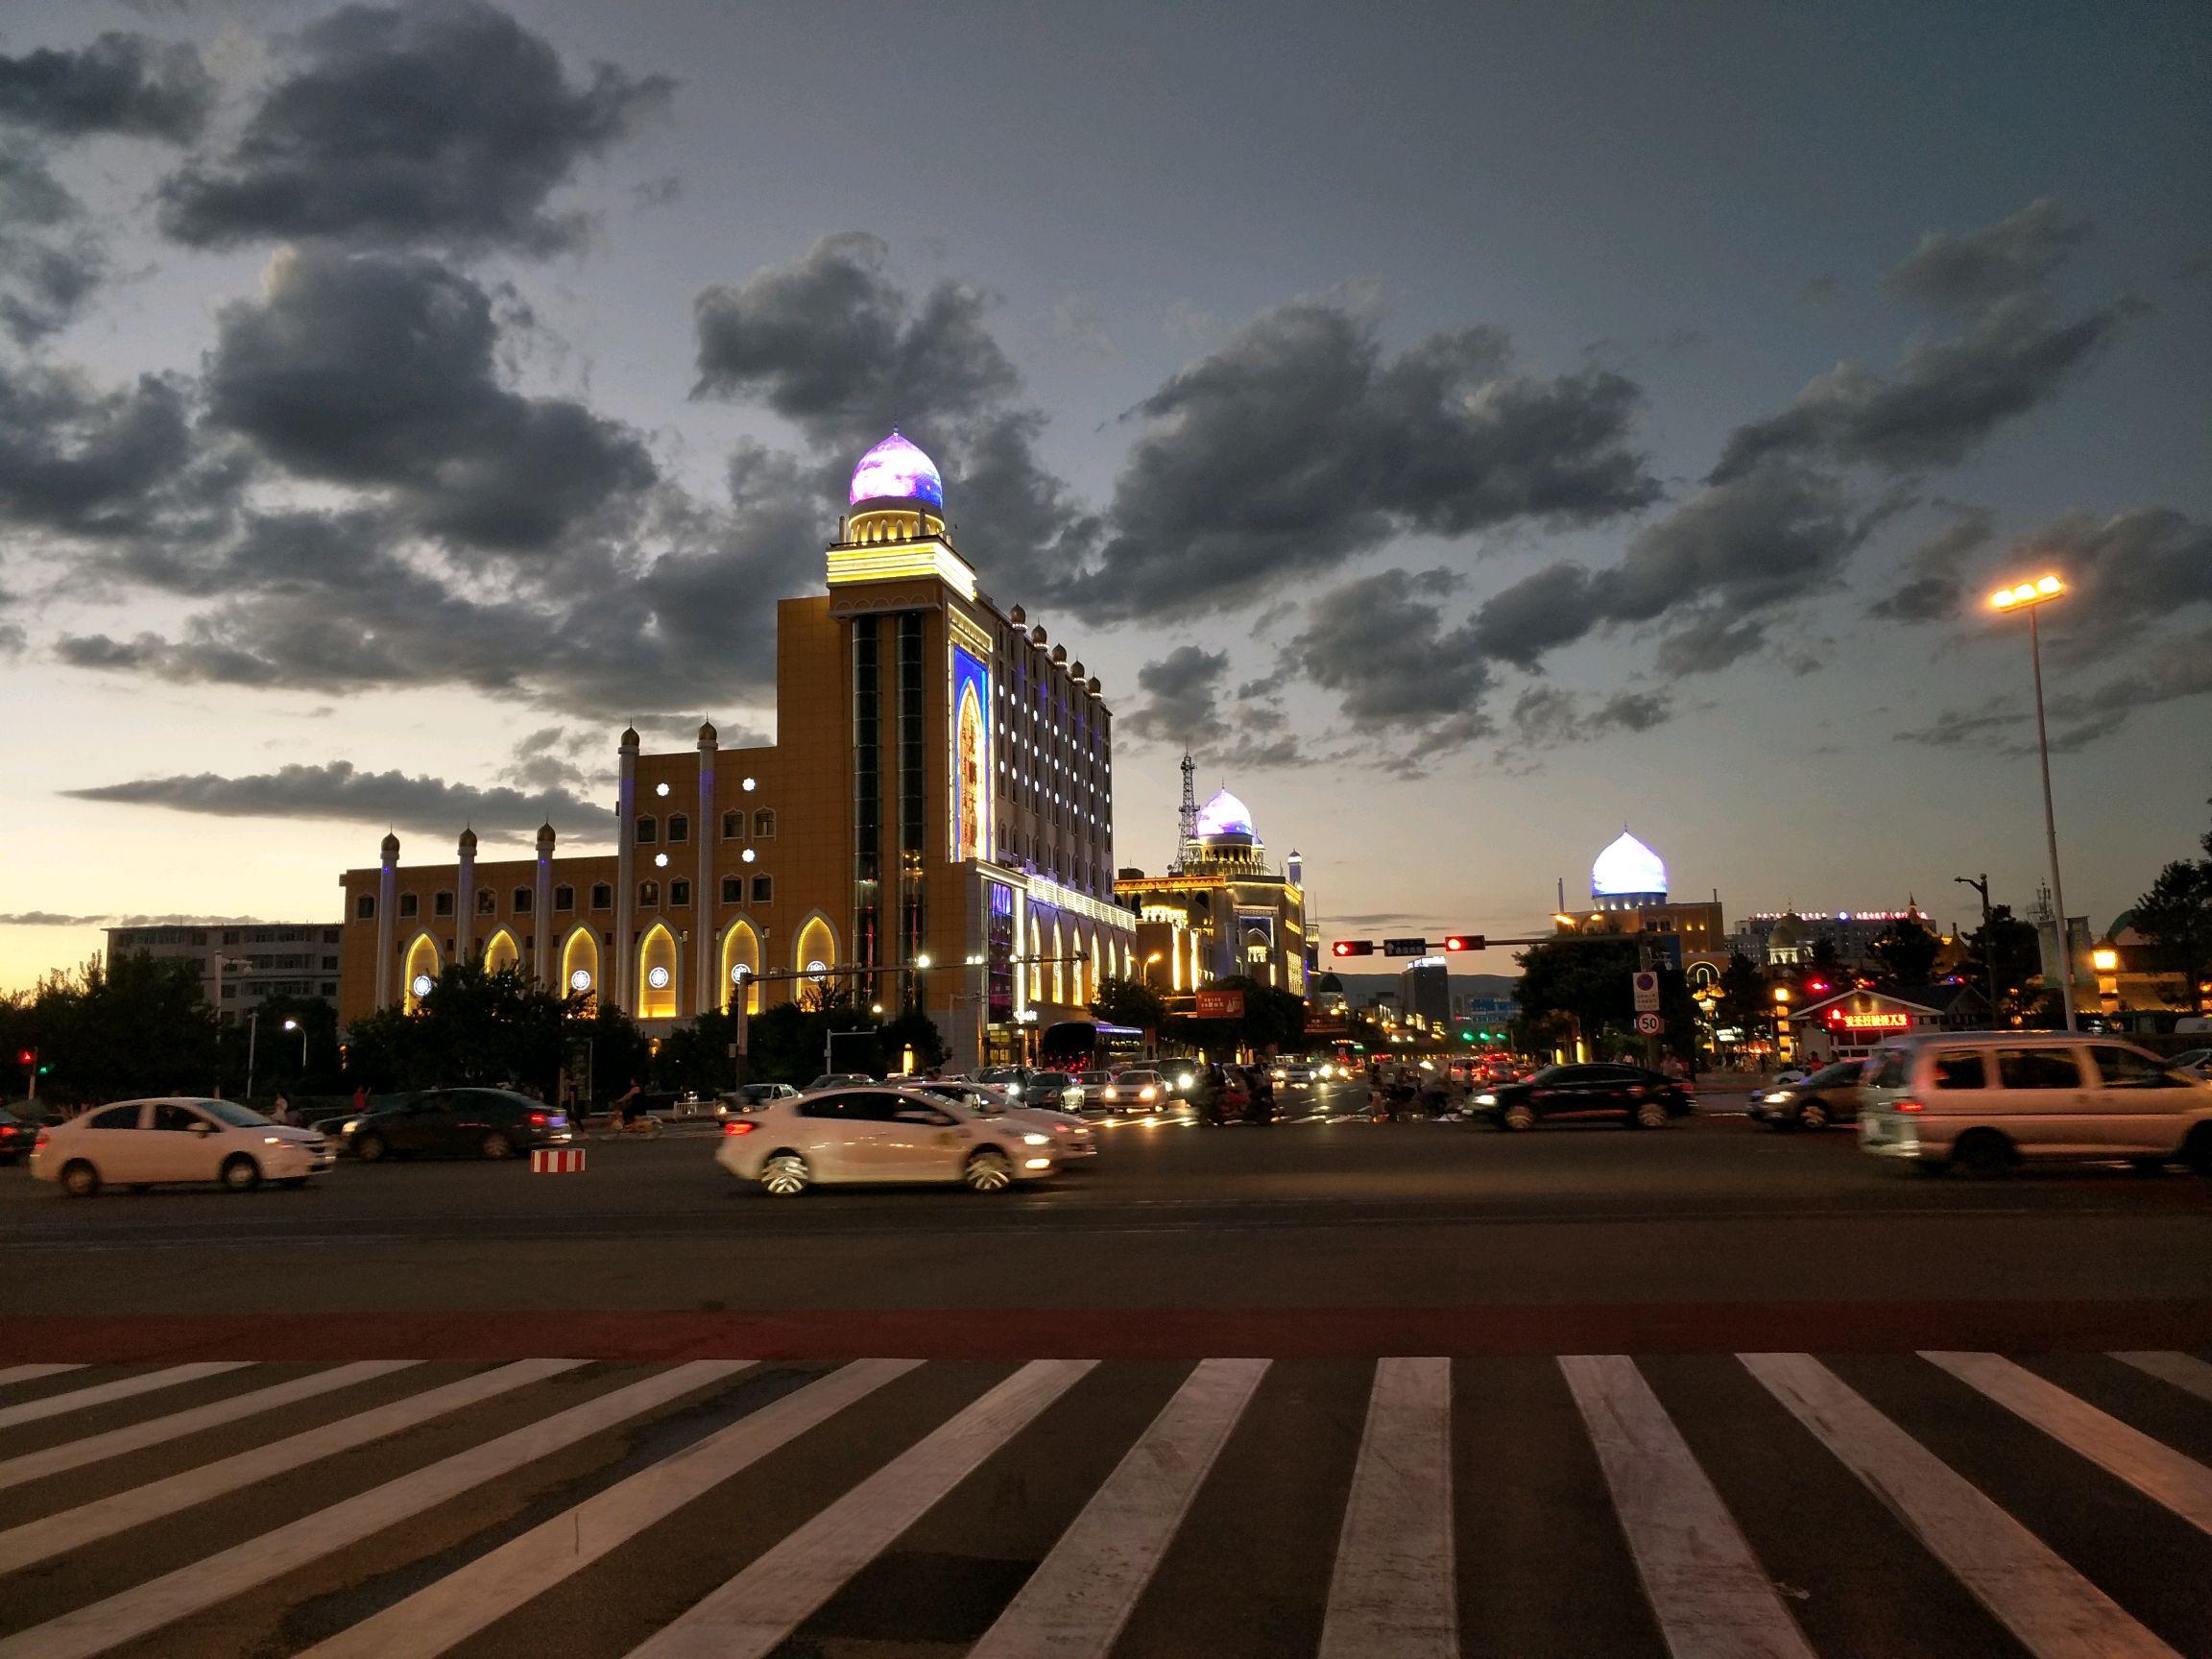 内蒙古70周年大庆 呼和浩特夜景